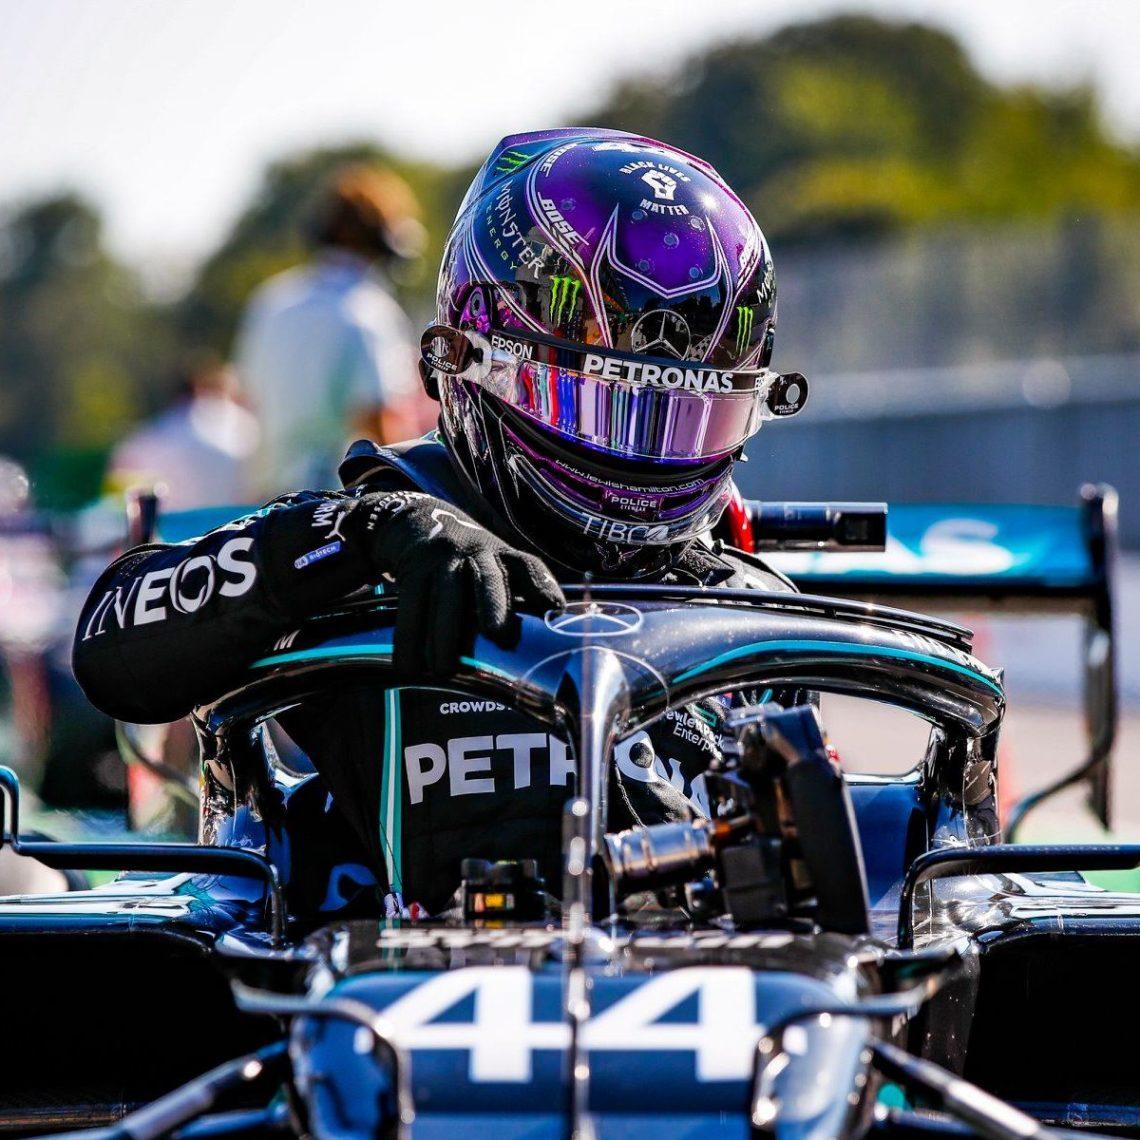 F1, Mugello: Hamilton è il primo poleman, Leclerc 5°, Vettel solo 14°